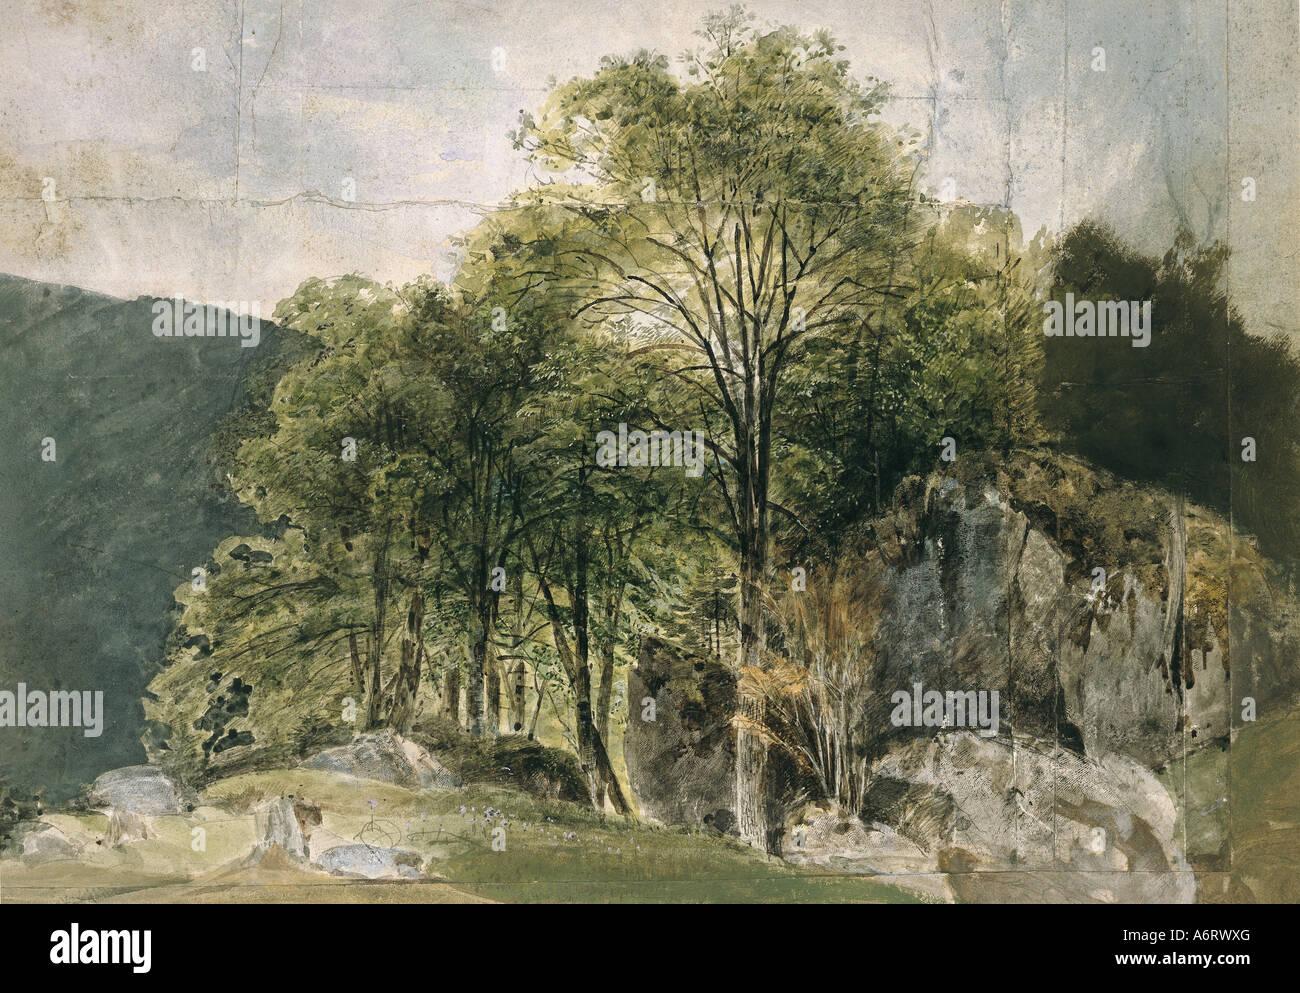 Las bellas artes, el romanticismo, la pintura, el hayedo en las faldas alpinas, acuarela por Kaiser, del siglo xix, Foto de stock